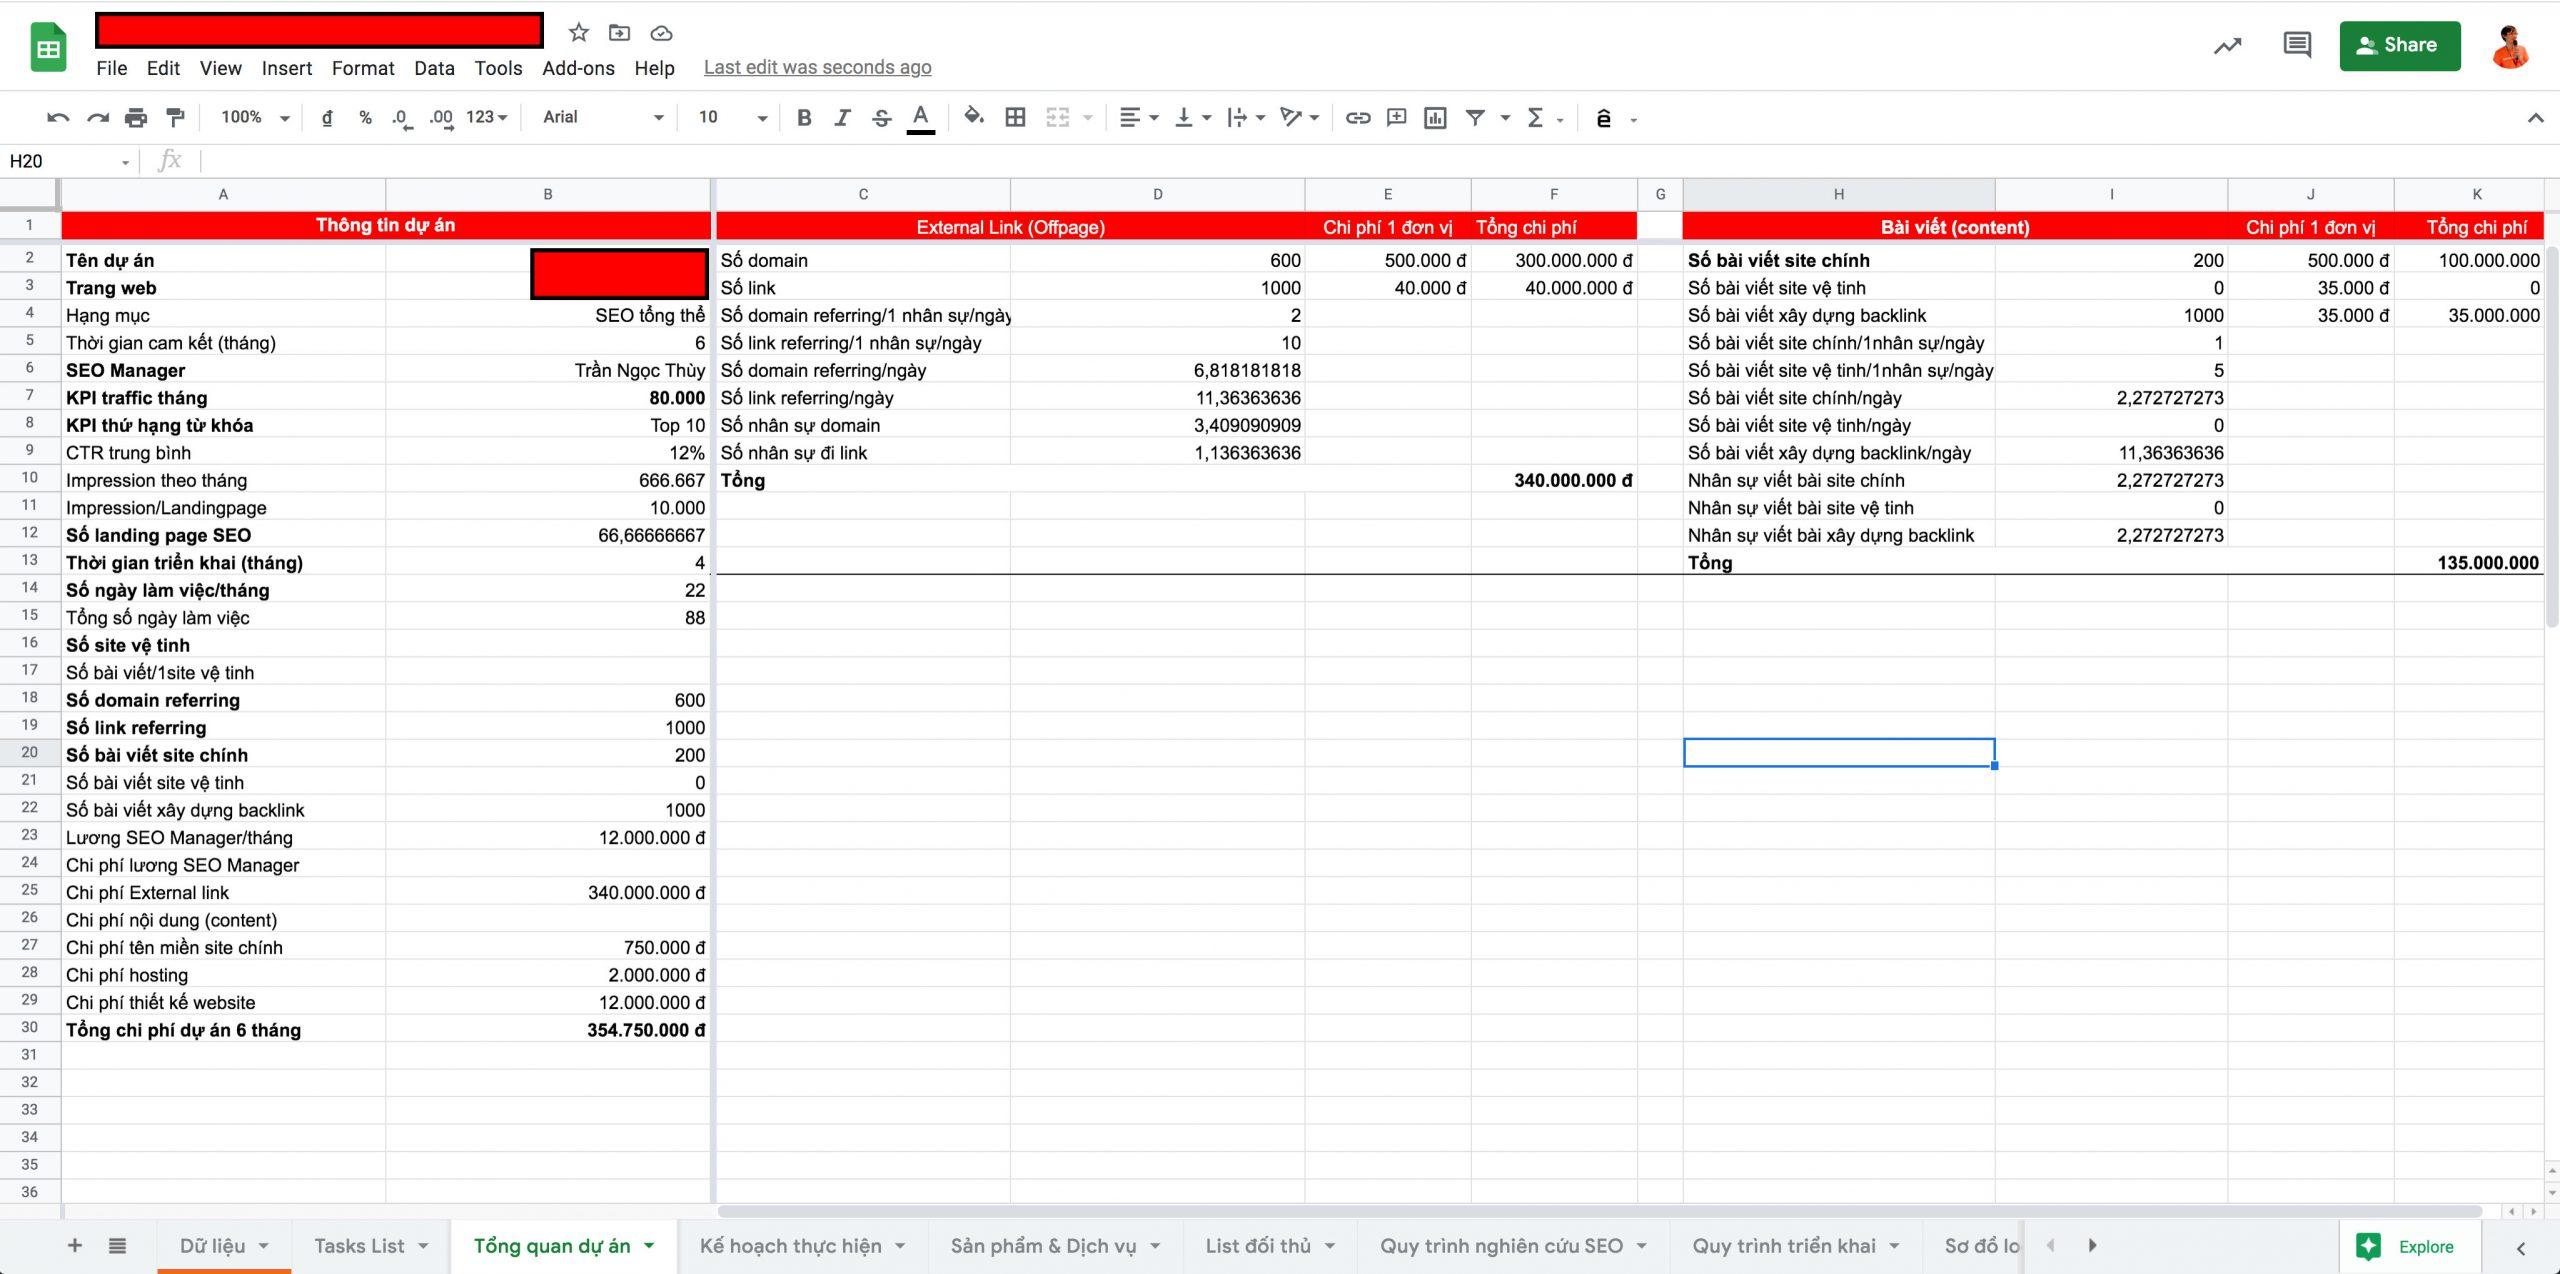 File quản lý kế hoạch SEO và báo cáo chuyên nghiệp, cập nhật thời gian thực minh bạch